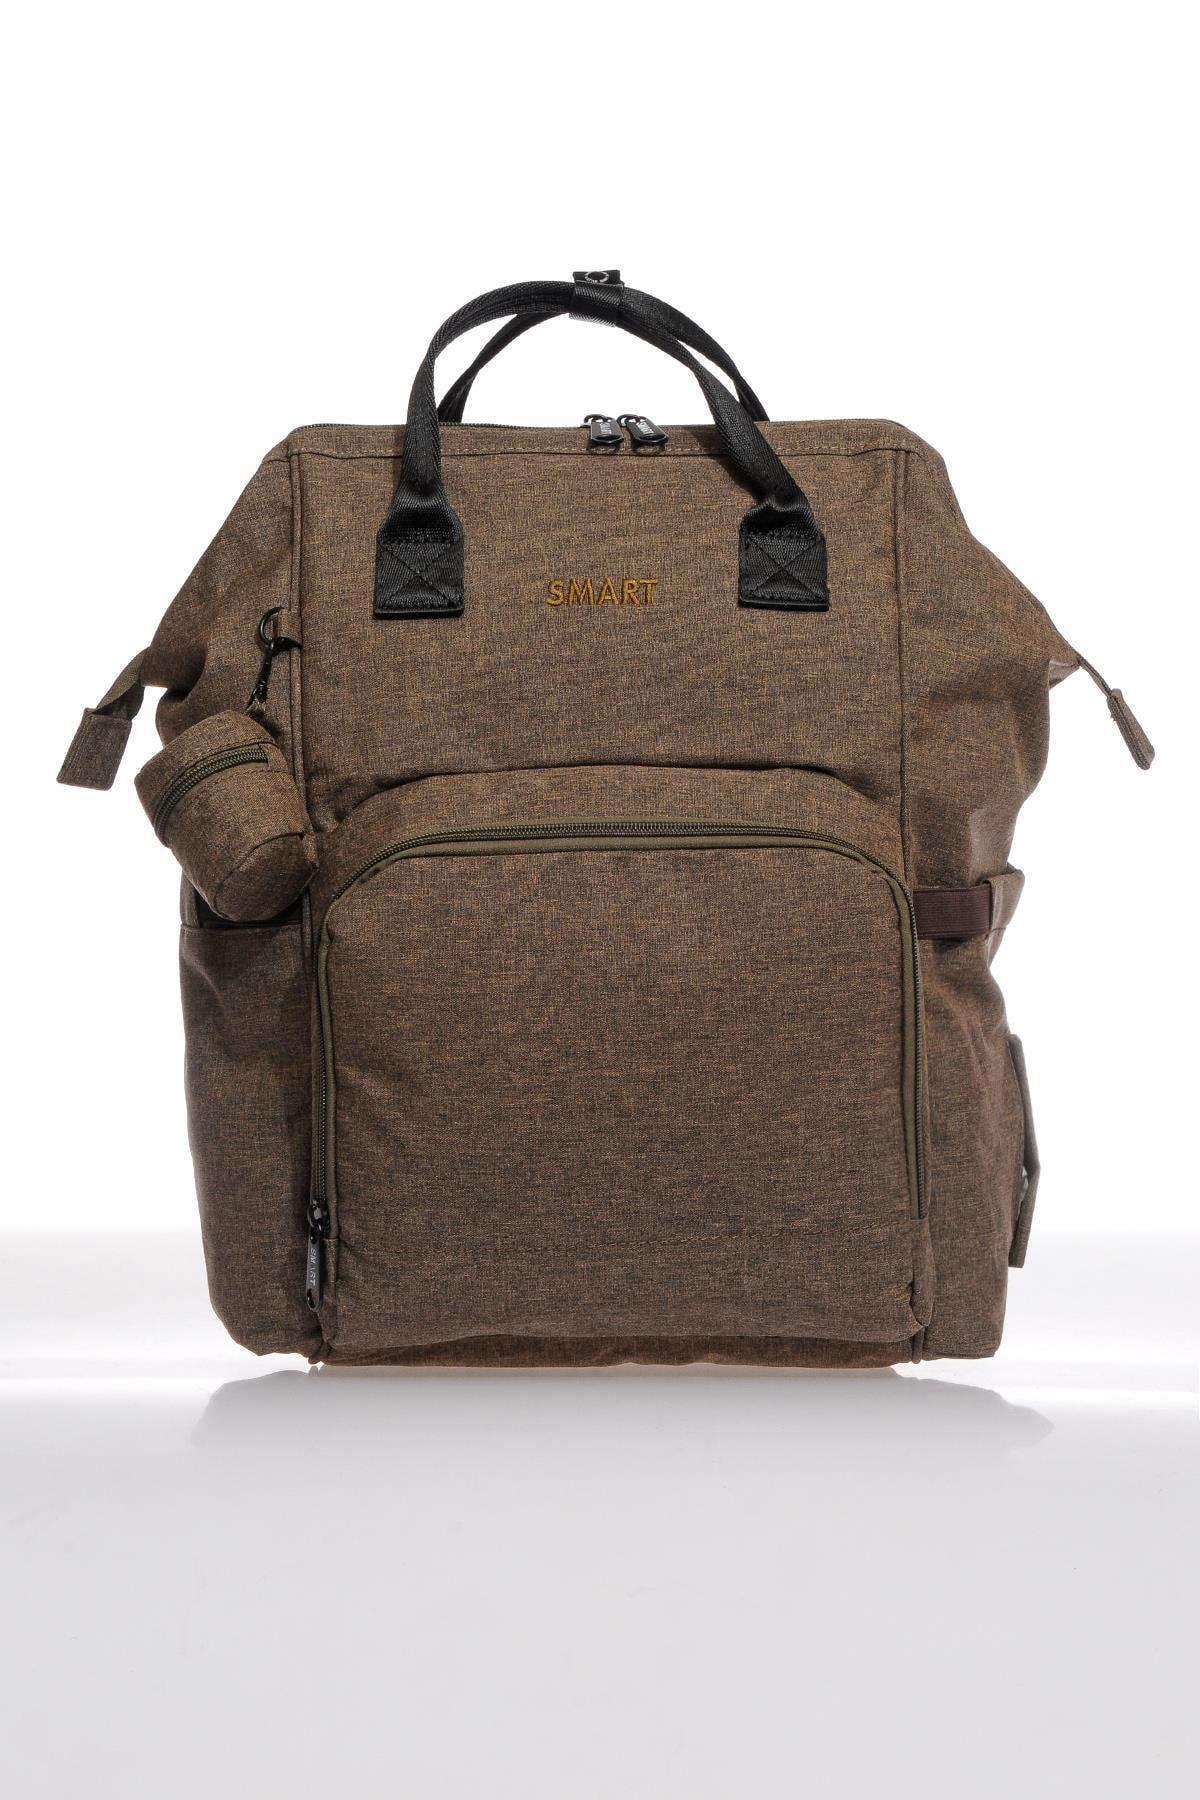 SMART BAGS Smb2007-0006 Kahverengi Kadın Bebek Bakım Sırt Çantası 1